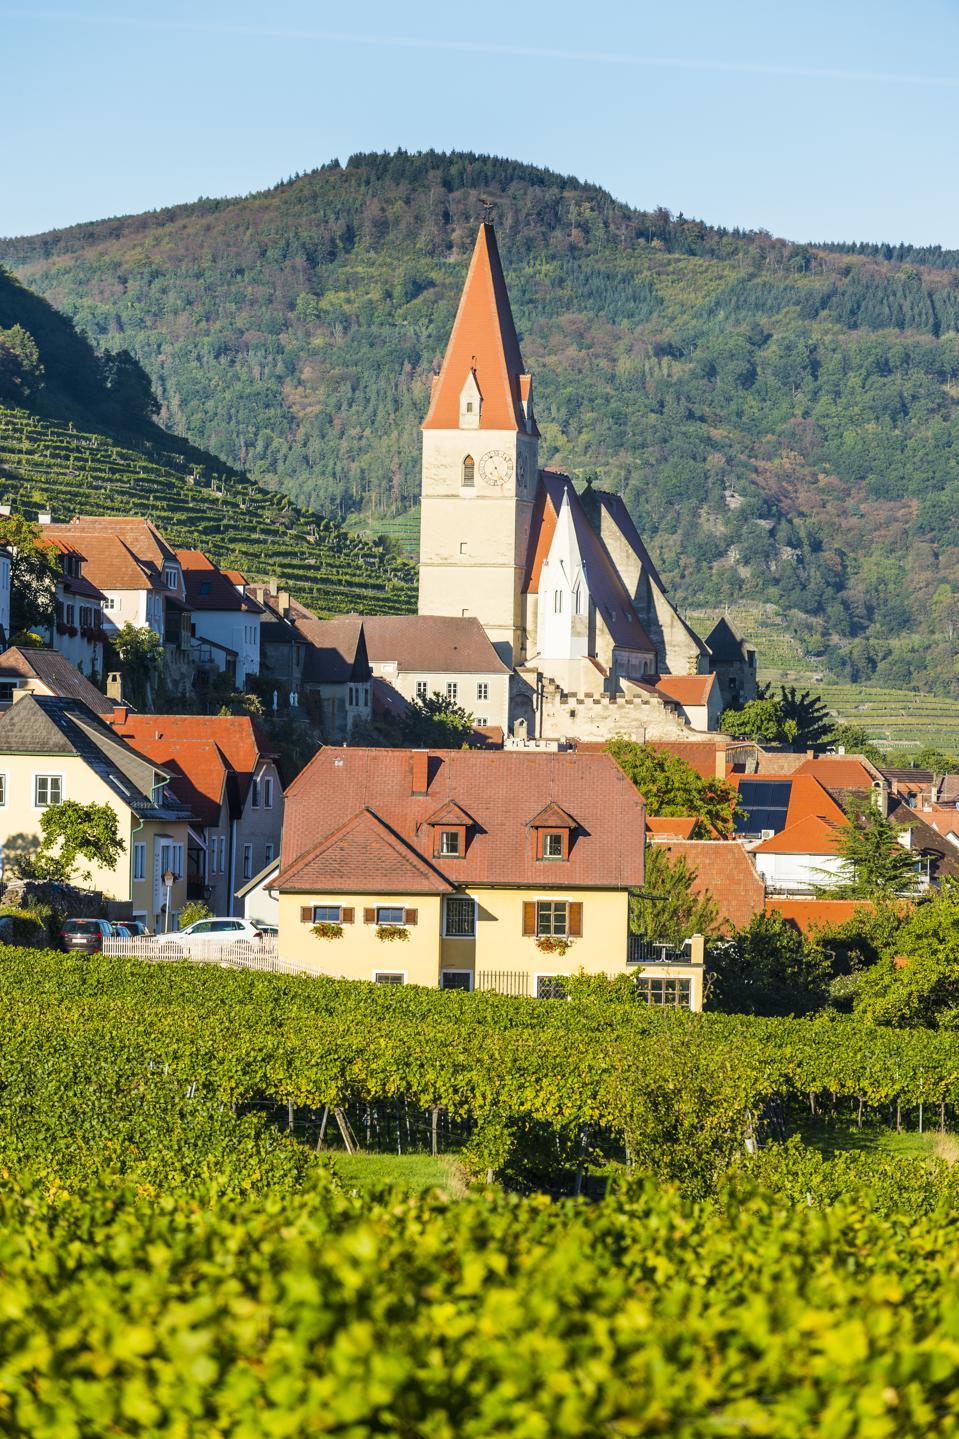 Austria, Wachau, parish church Mariae Himmelfahrt in Weissenkirchen in the vineyards on the Danube